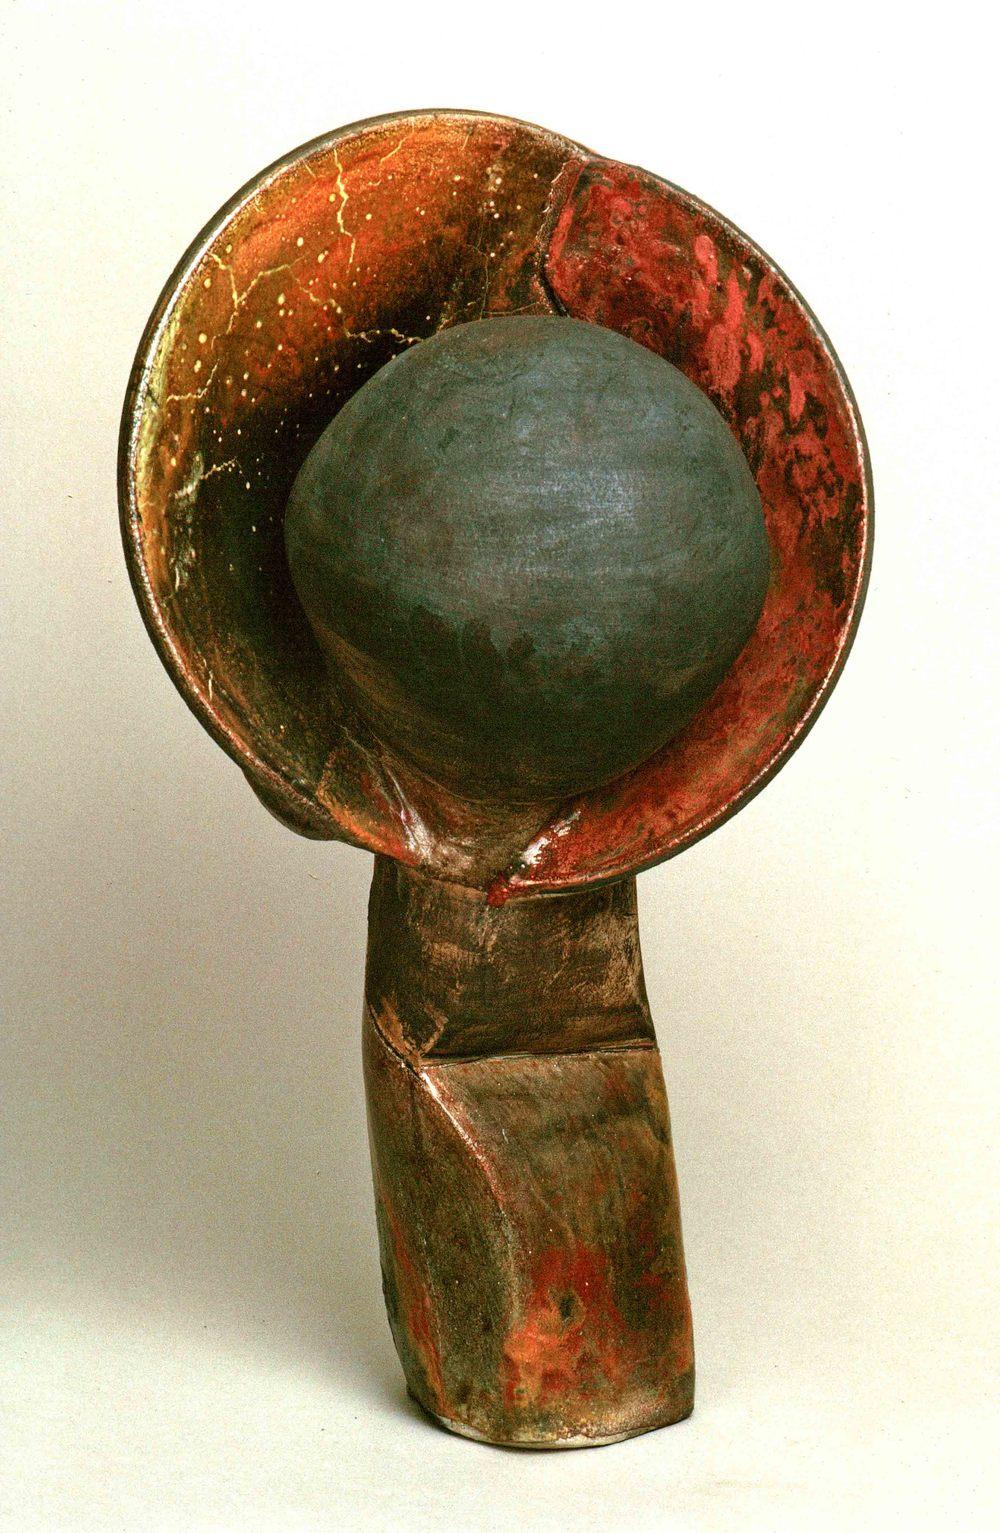 sculpture-11.jpg